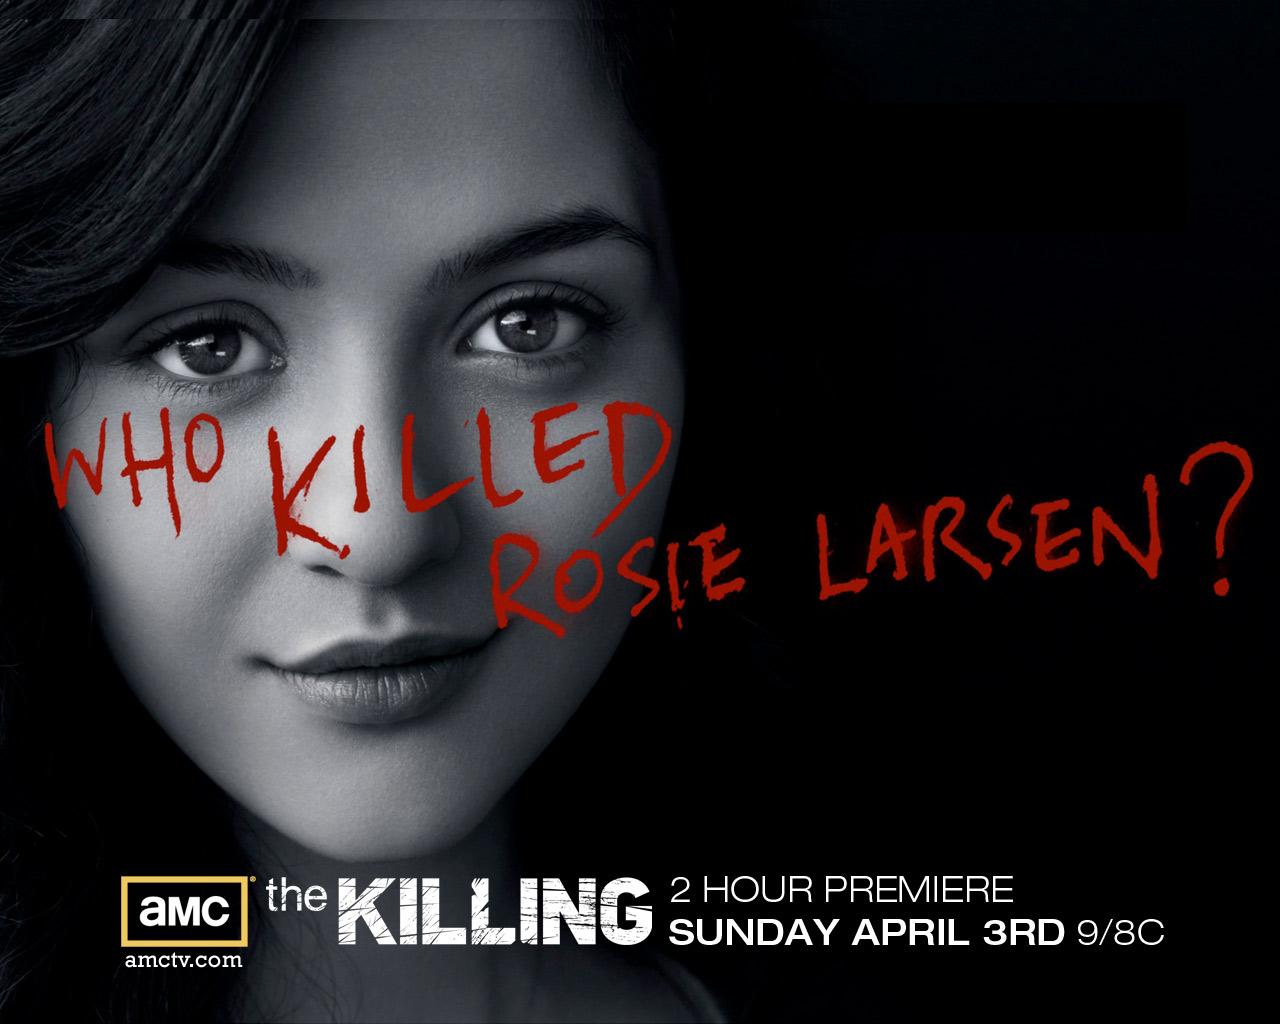 The Killing, il mistero sulla morte Rosie Larsen risolto nella seconda stagione (senza impegno)